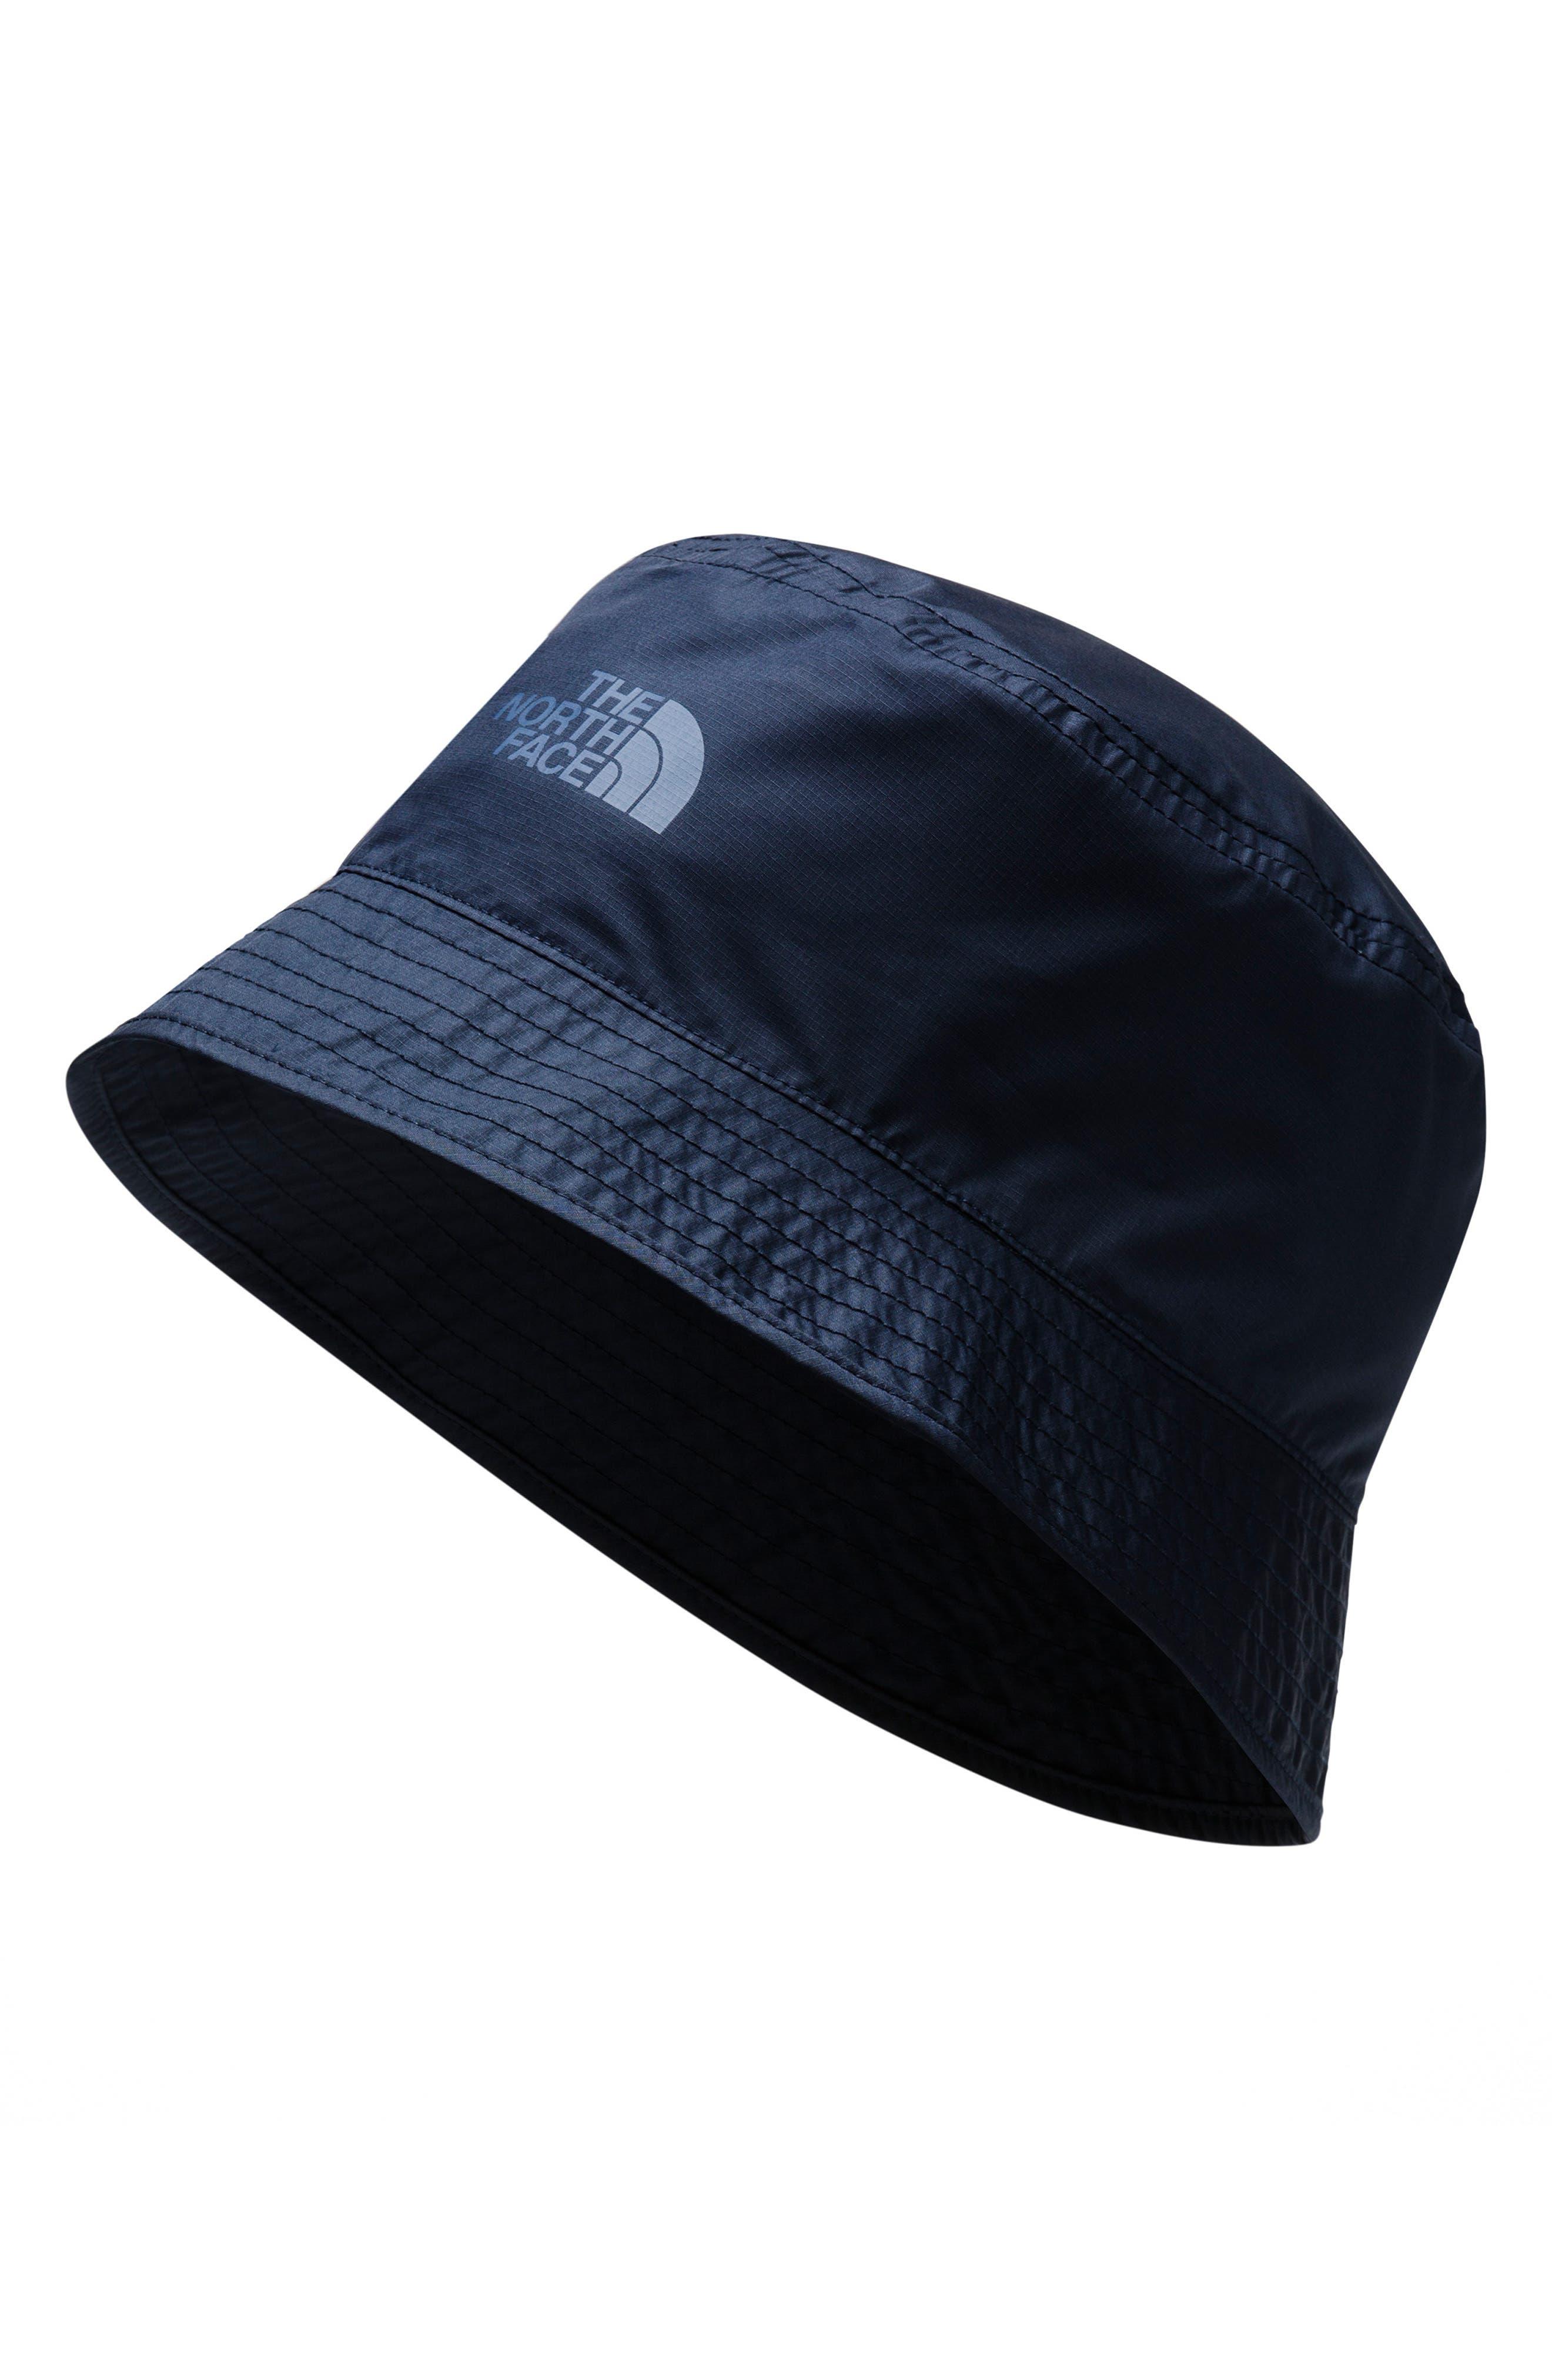 e5820da384c4f Men s The North Face Hats